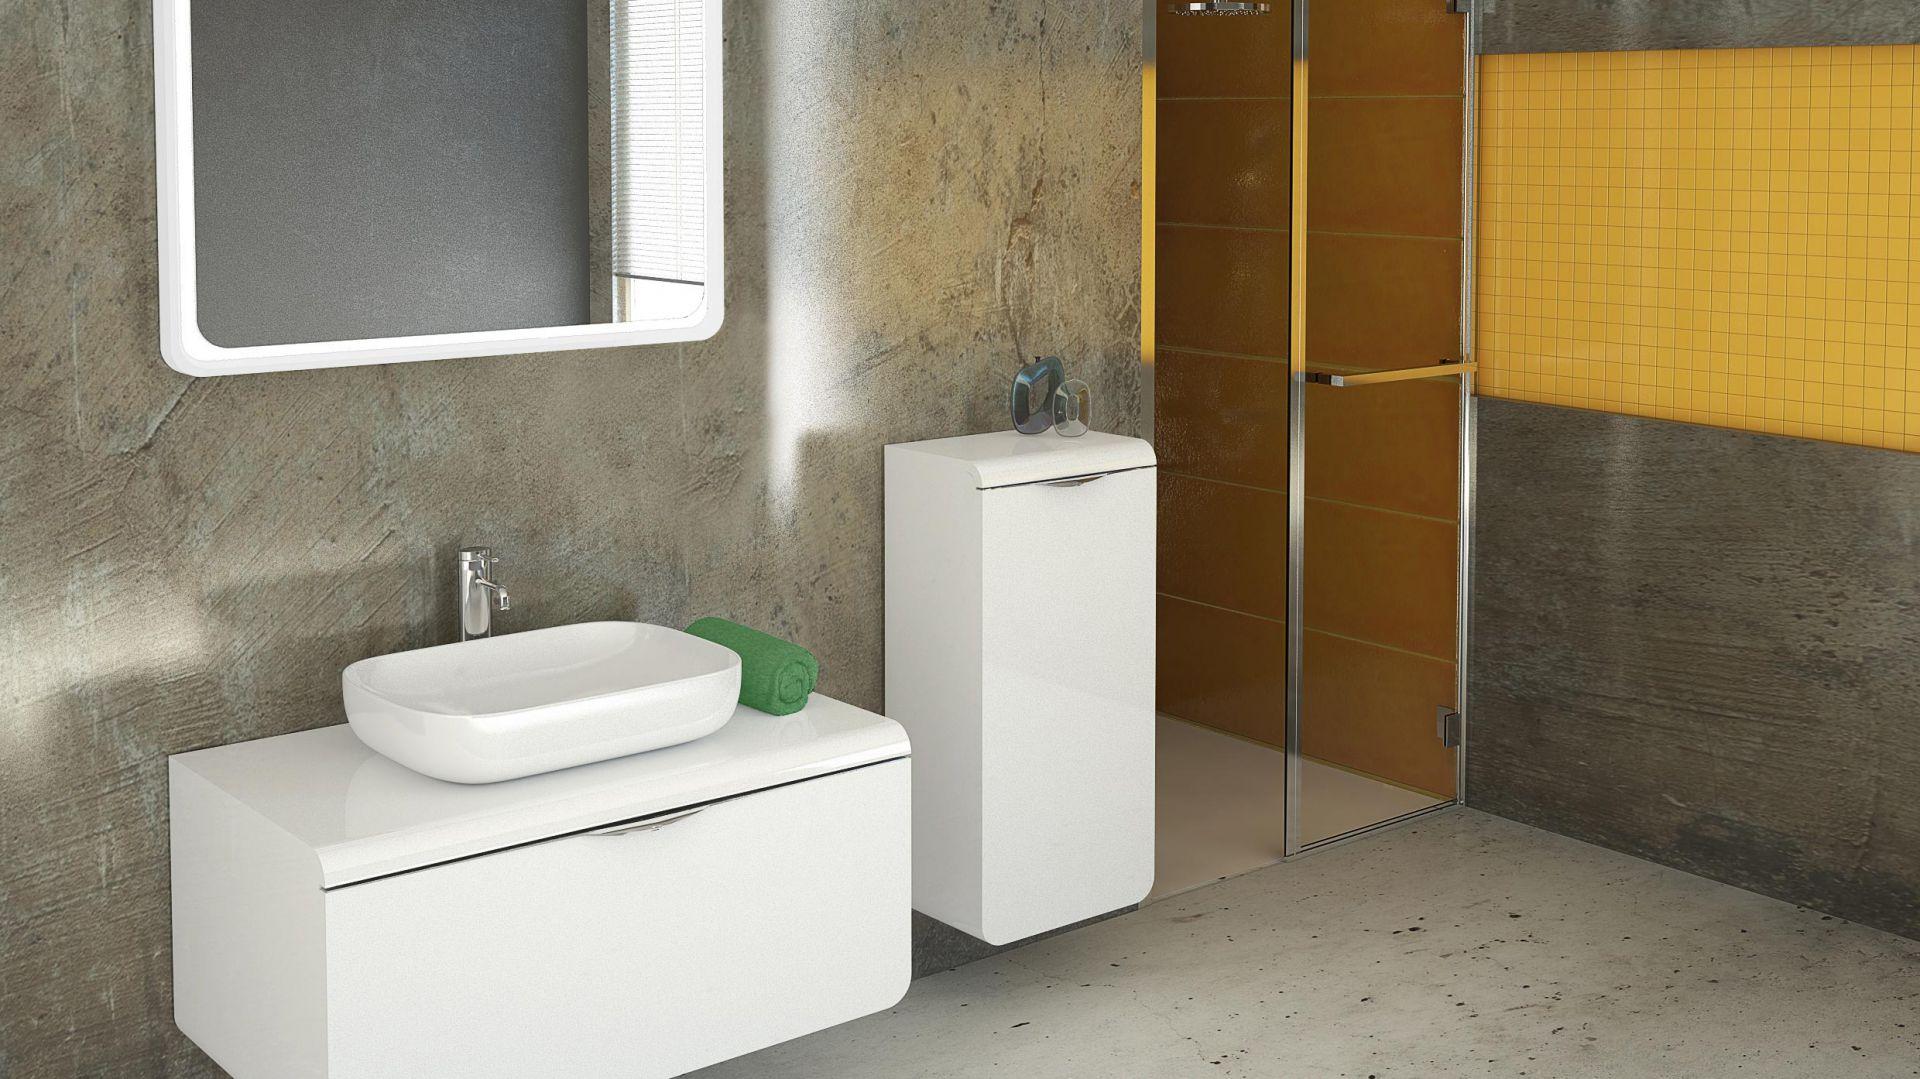 Meble do łazienki Mocca marki Devo. Fot. Devo, www.devo.pl